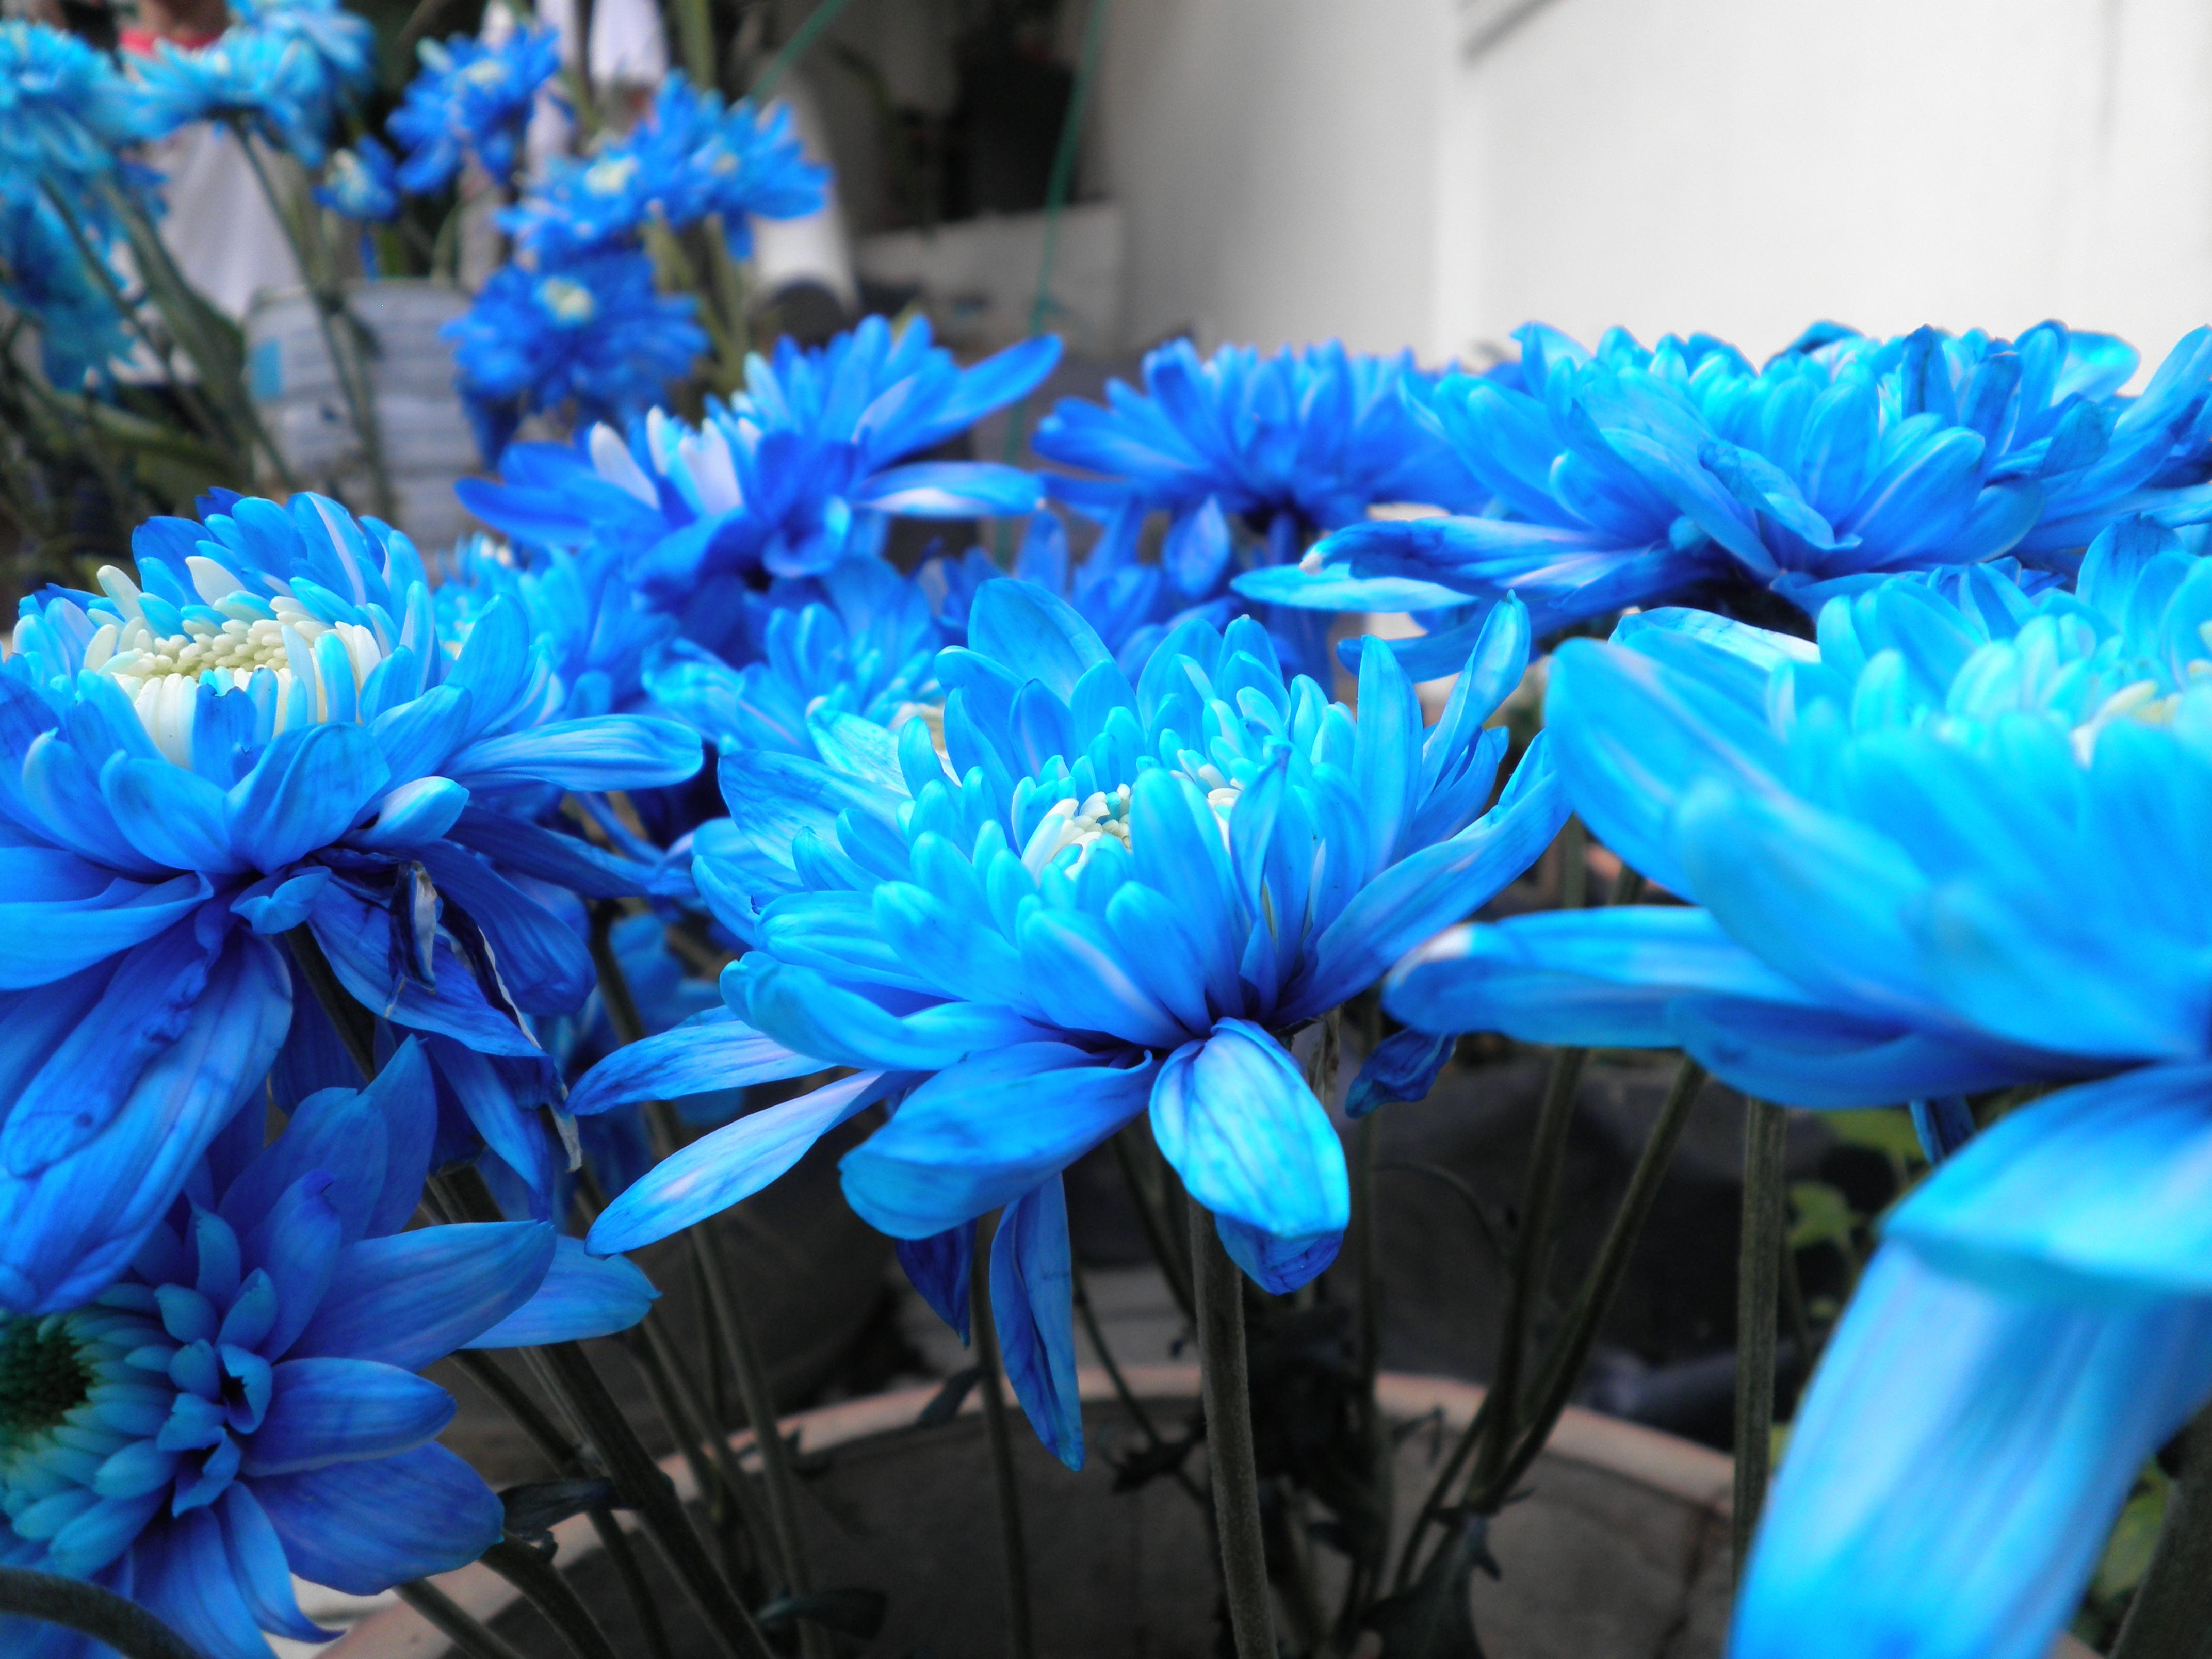 chrysanthemum | Ahmad Ali Karim's Weblog